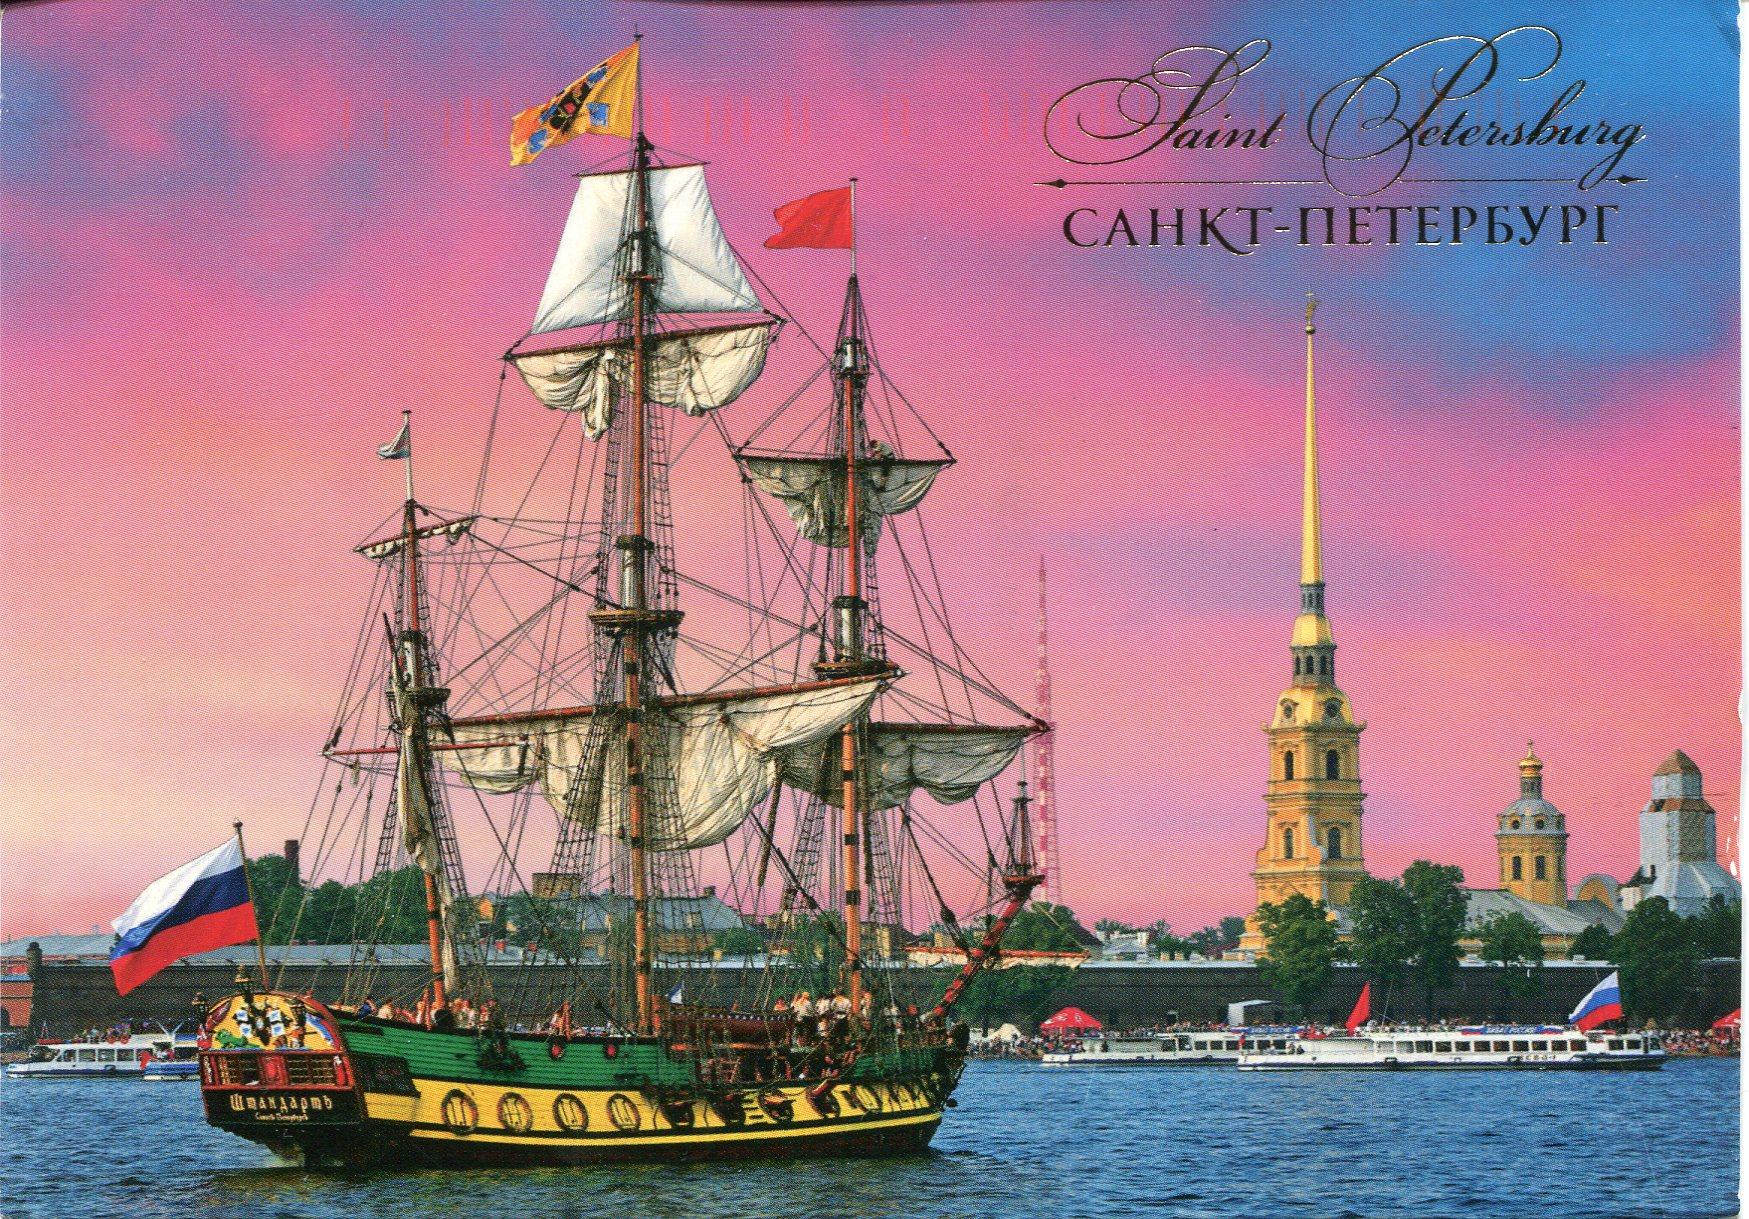 открытки с днем рождения с видами санкт-петербурга дорожка территории набережной-сквера